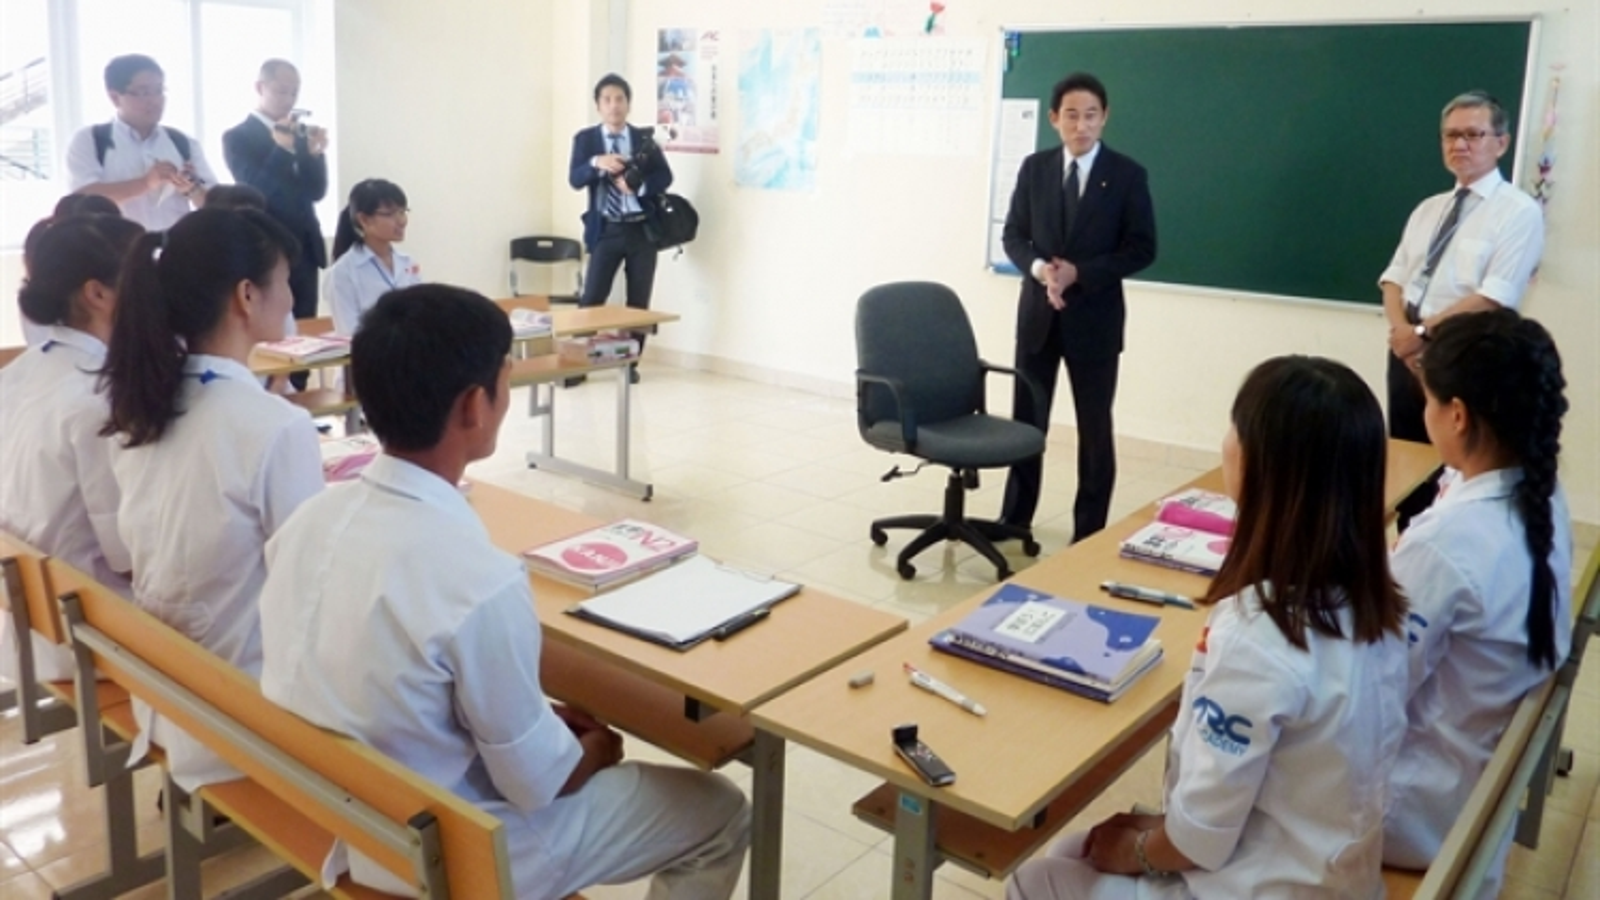 Xuất hiện cụm ca Covid-19 là người Việt Nam ở Nhật Bản